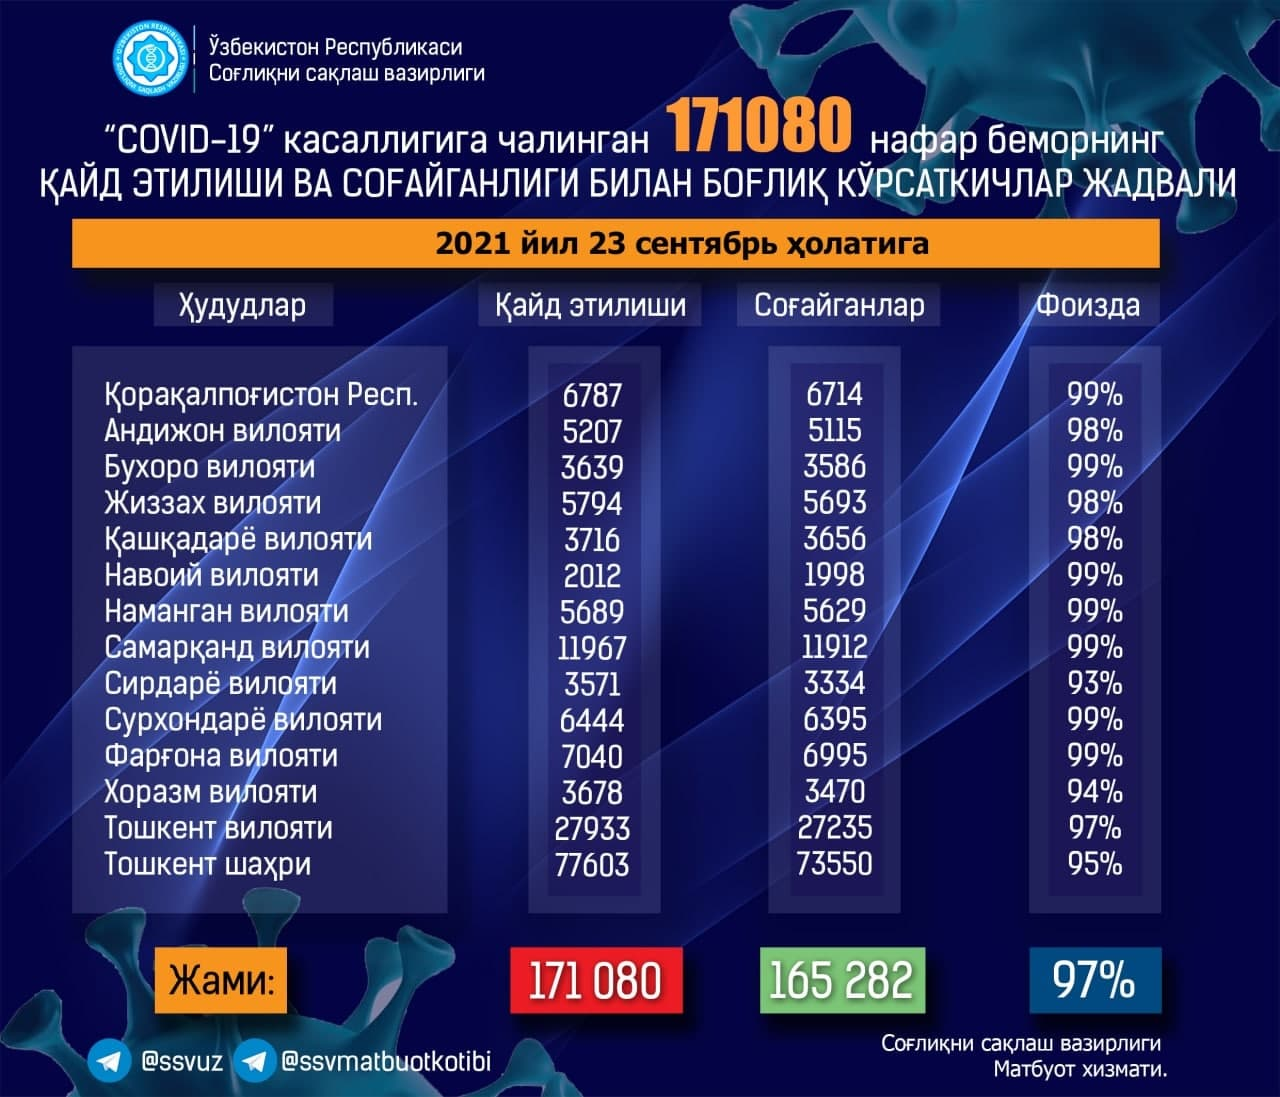 В Узбекистане показатель выздоровления от коронавируса достиг 97% — статистика